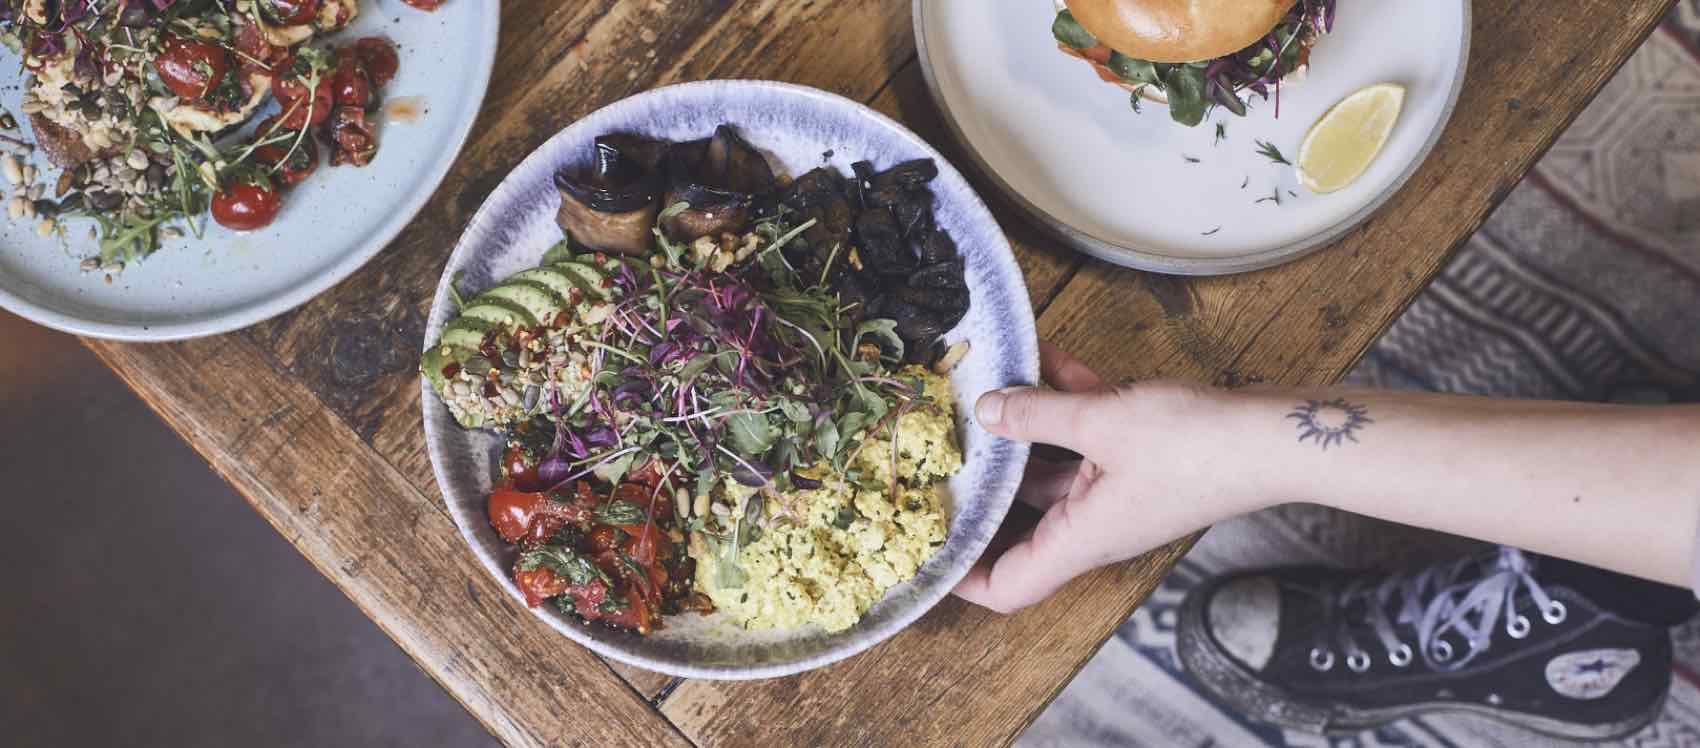 Dette serveres på stedet med det uvanlige navnet We Are Vegan Everything, London, UK